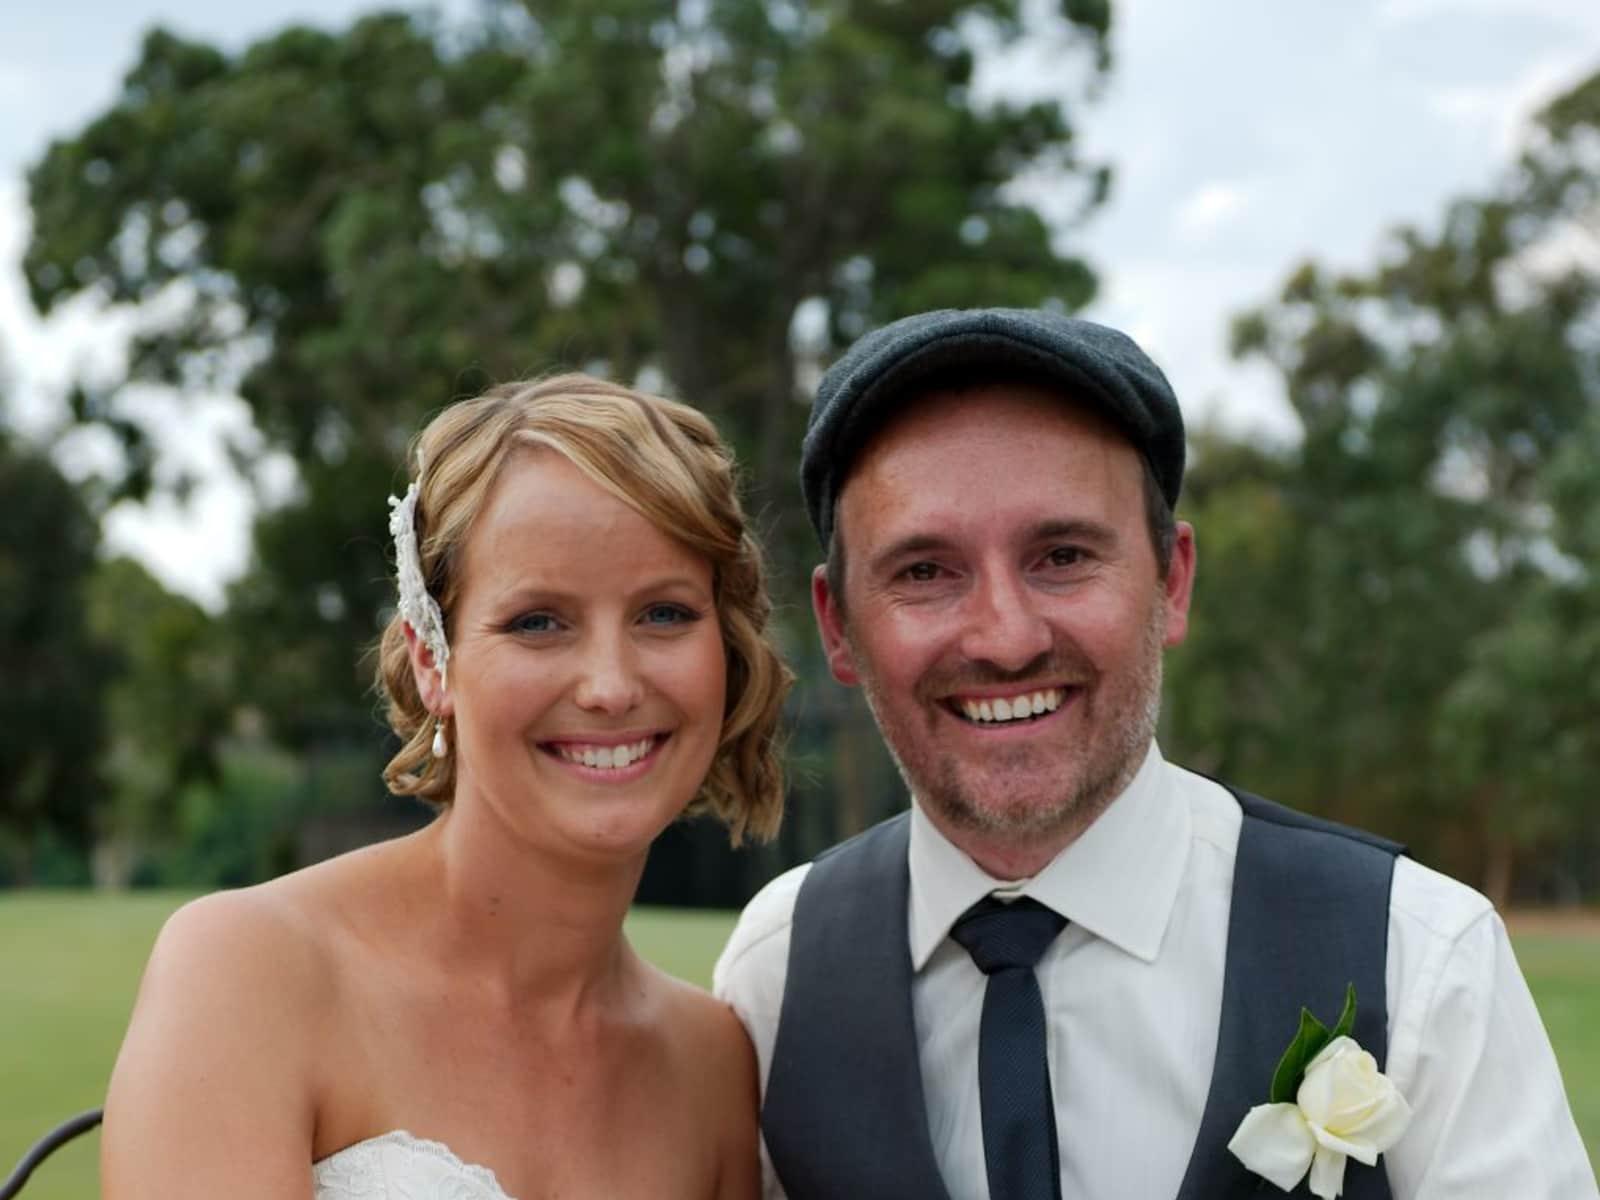 Dione & Stephen from Melbourne, Victoria, Australia